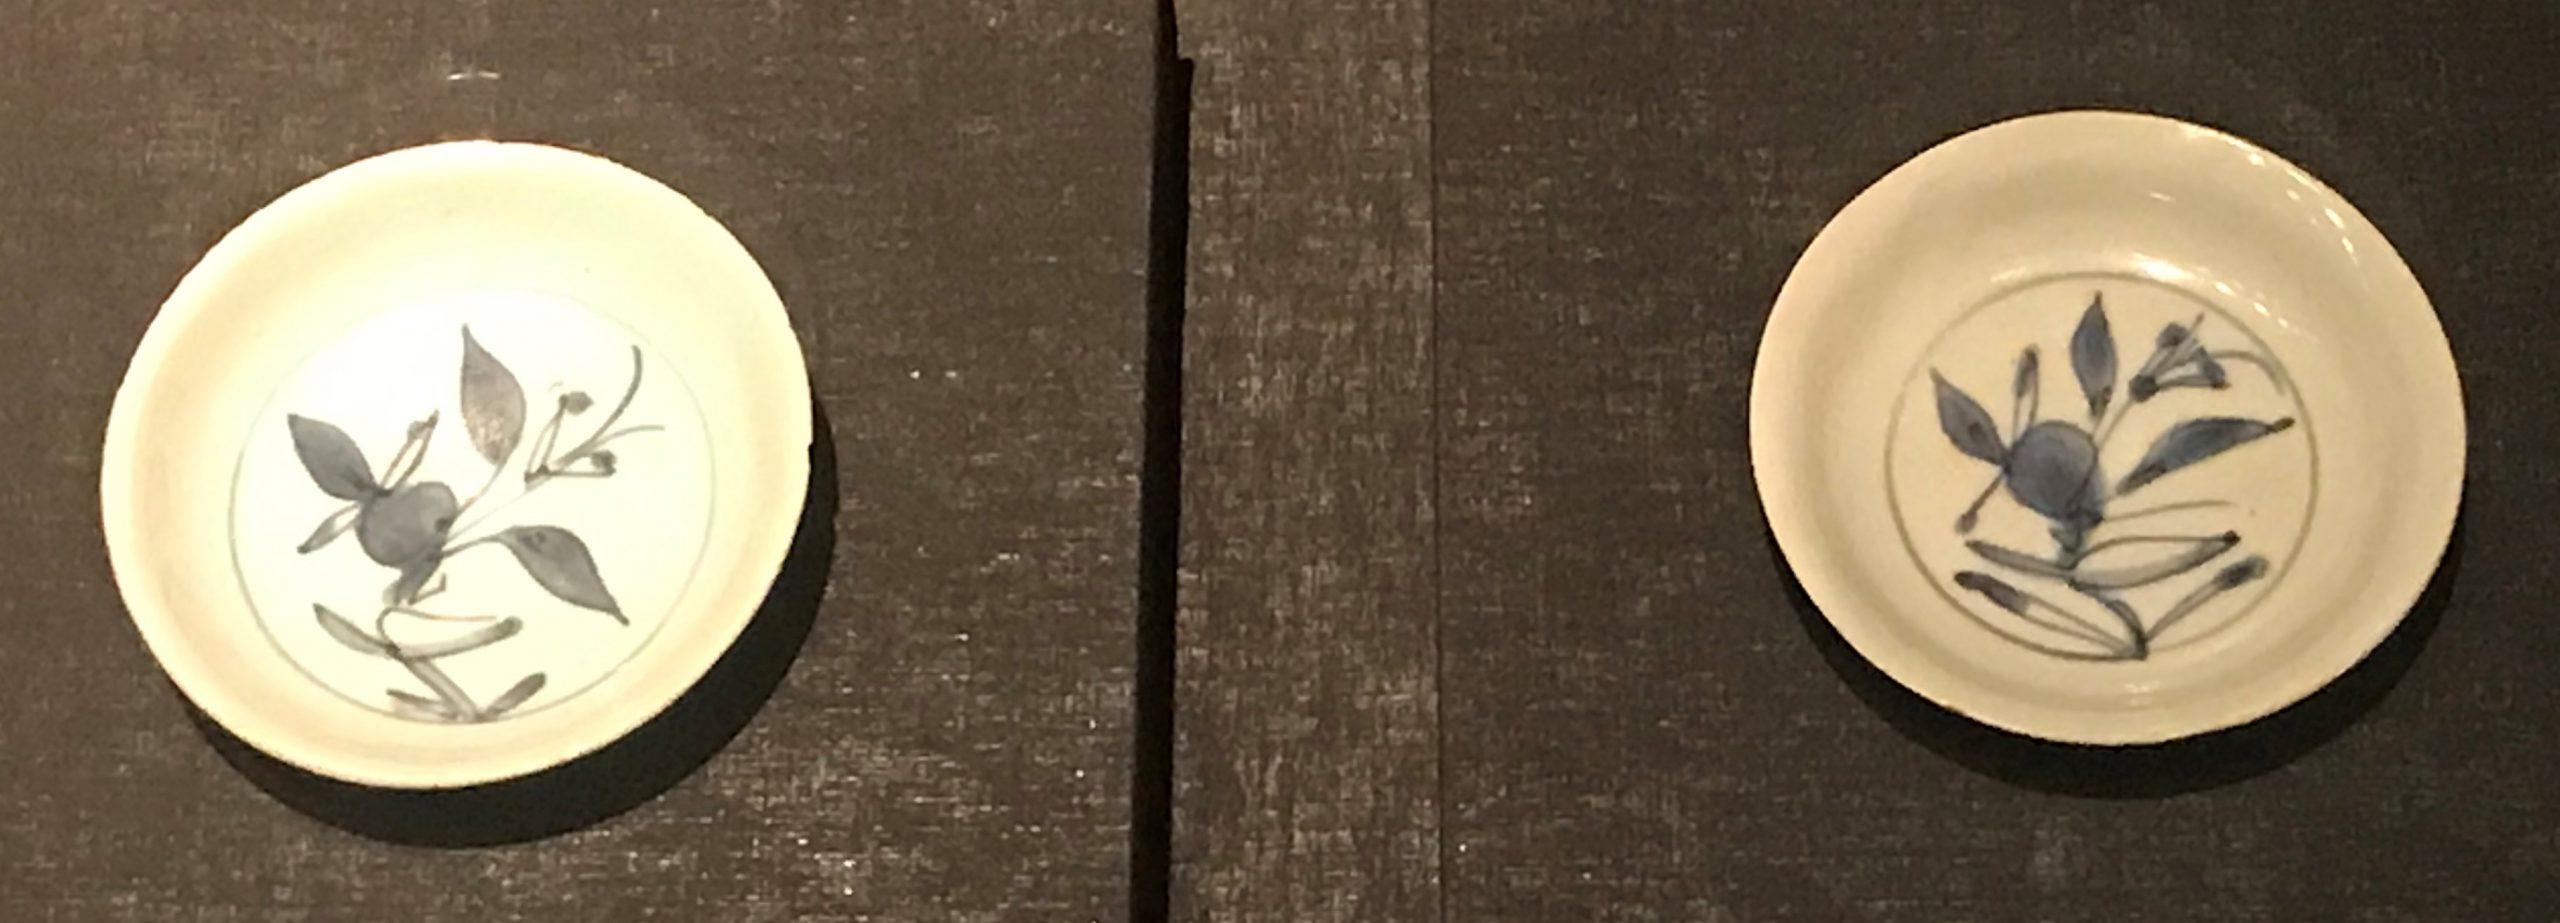 青花花葉紋磁碟-明清時代-常設展F3-成都博物館